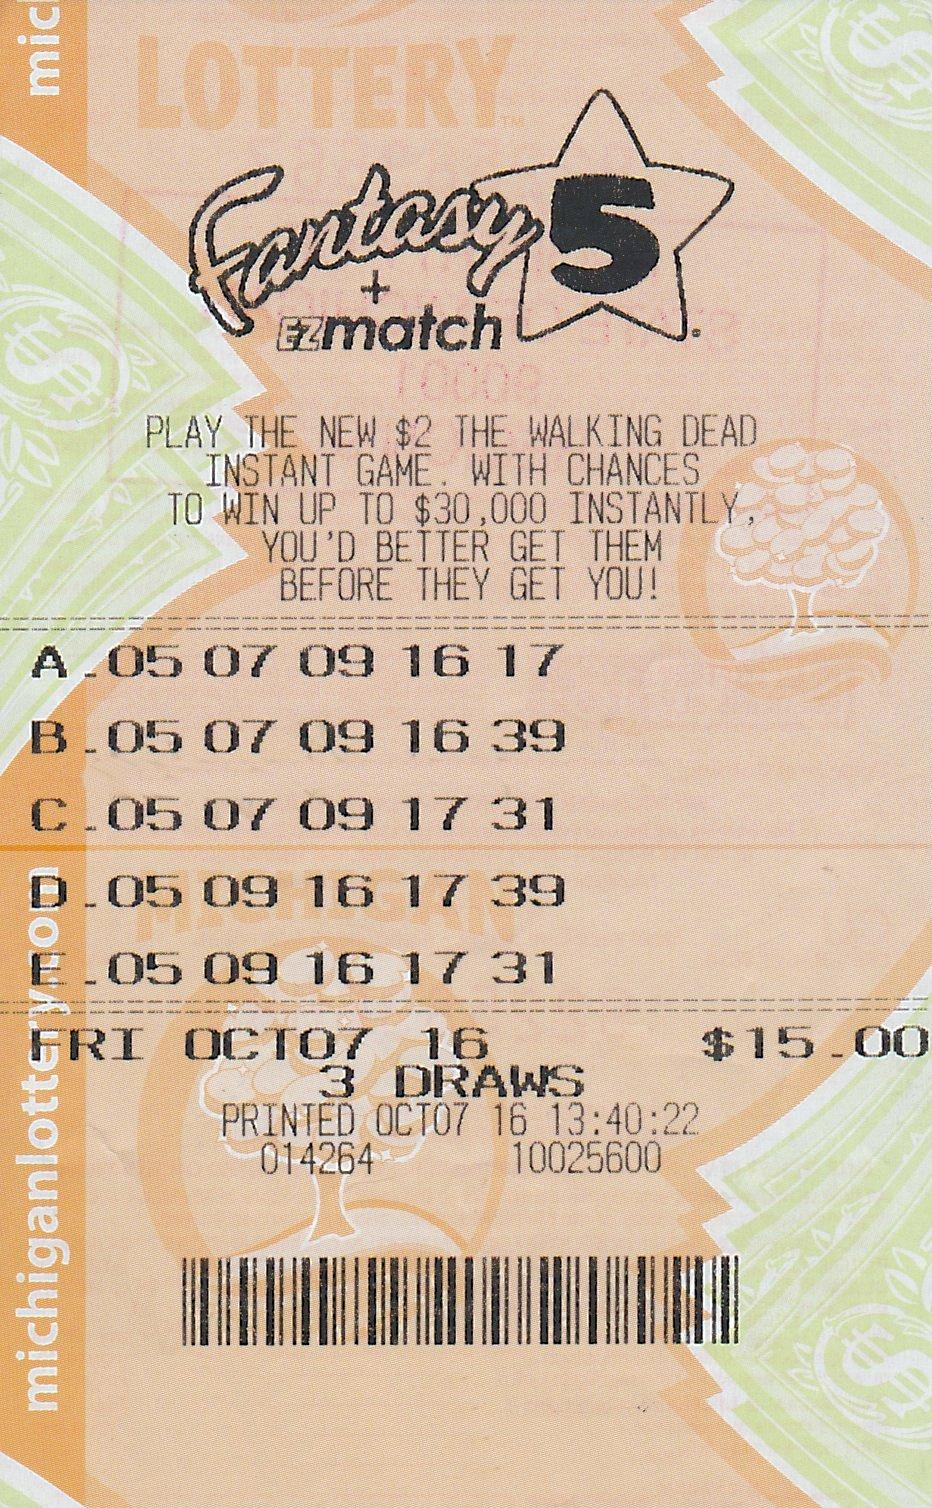 Lotto 10.09.16